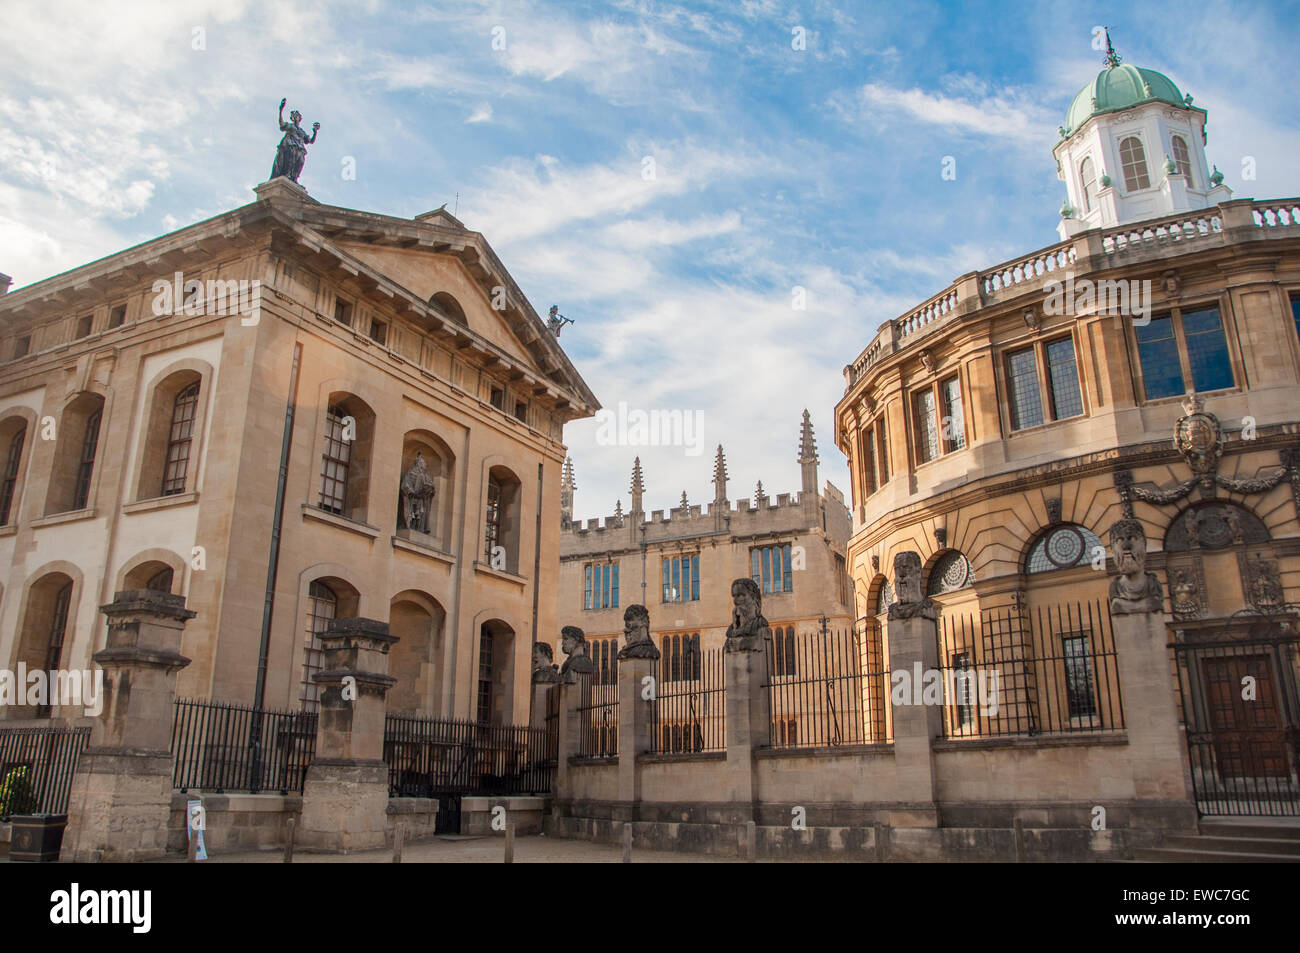 Vista la Bodleian Library (edificio Clarendon e Sheldonian Theatre), Oxford, Regno Unito Immagini Stock